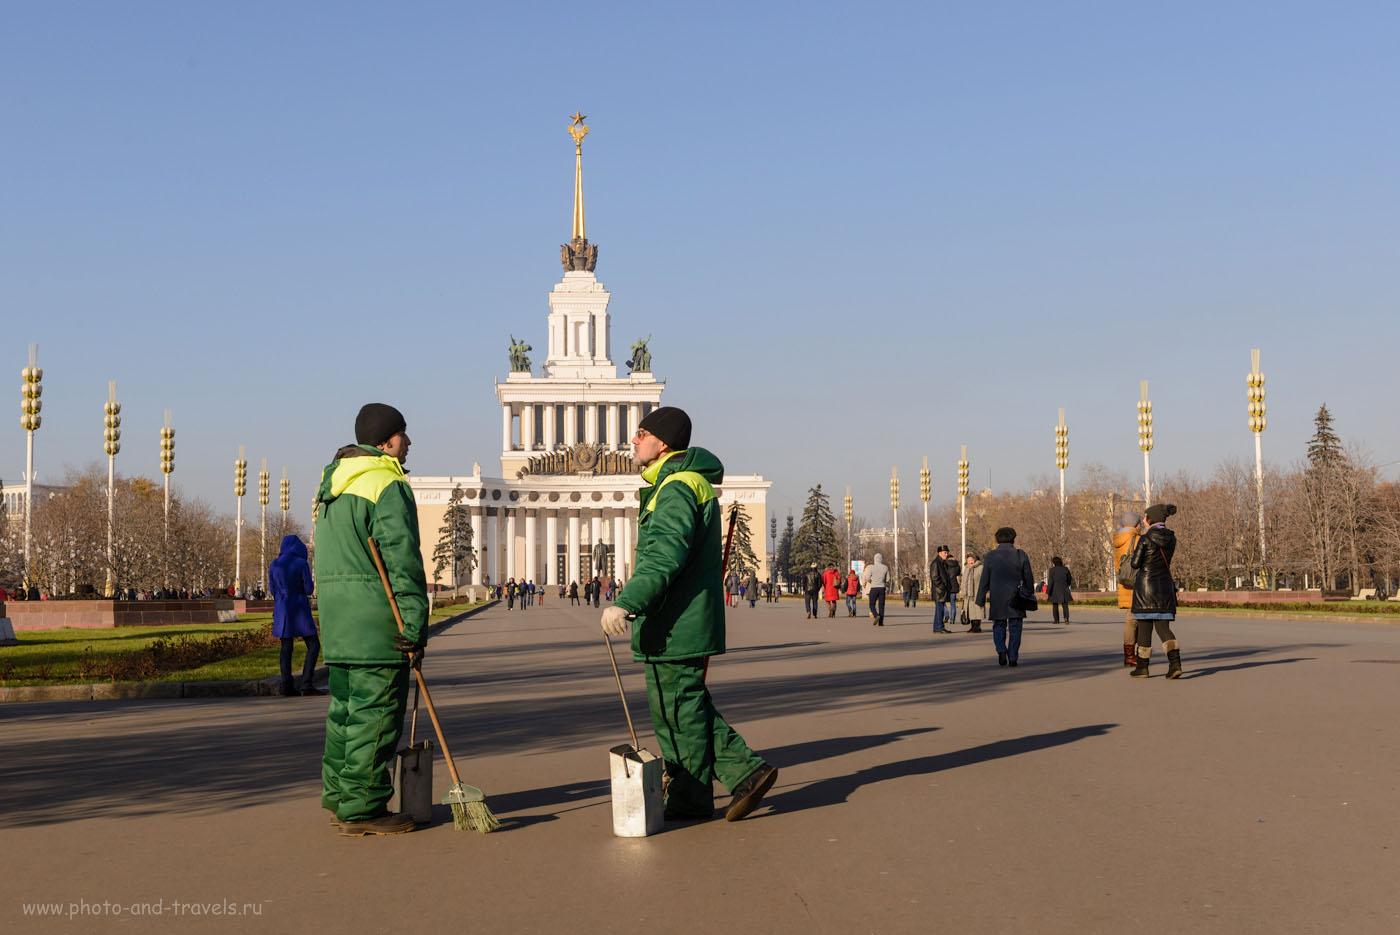 Фото 9. Центральный павильон ВДНХ. Интересные места в Москве, которые можно посмотреть за один день. 1/250, 9.0, 100, 42.